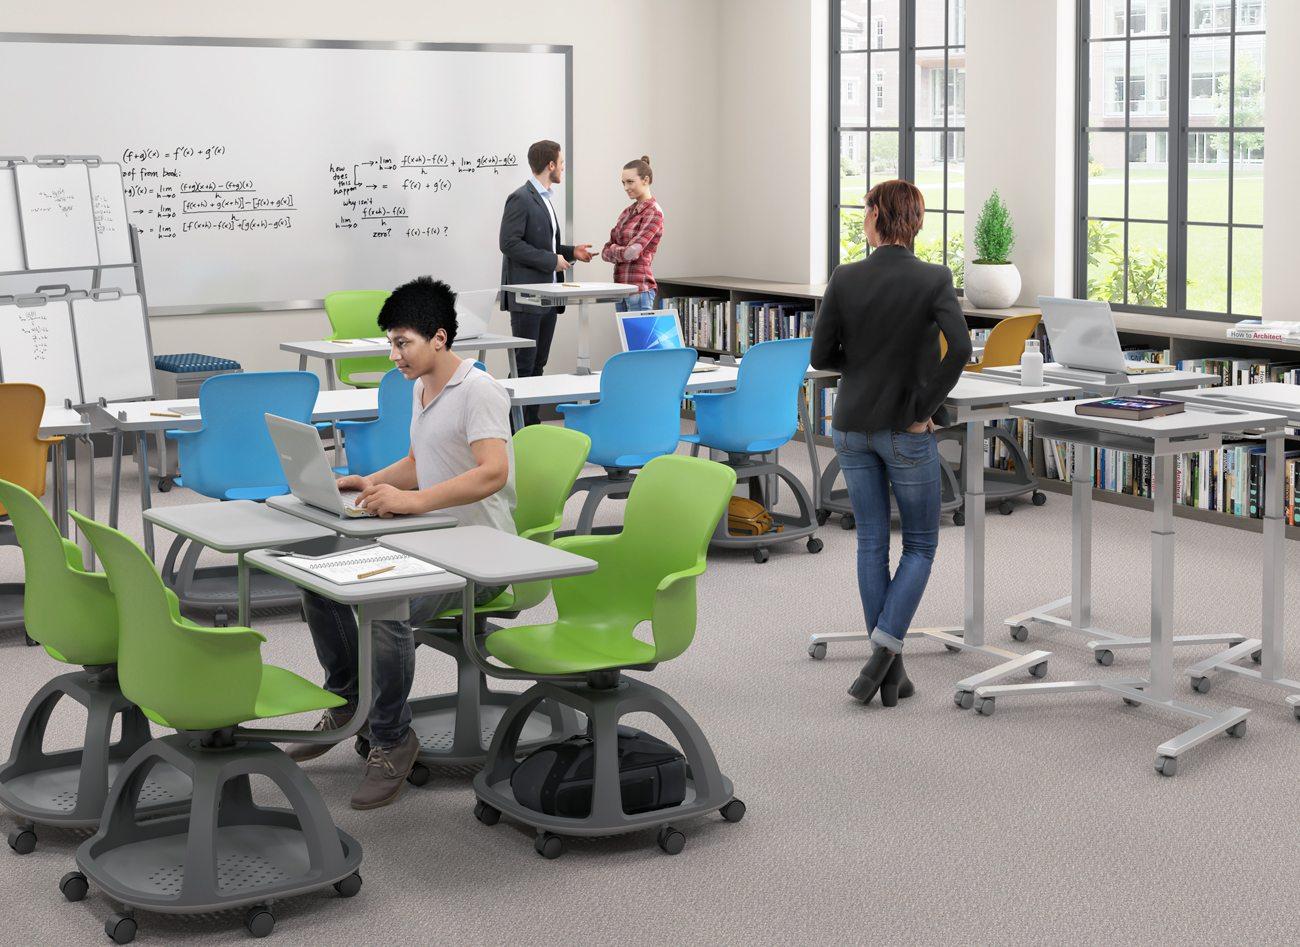 Haskell 21st Century Classroom